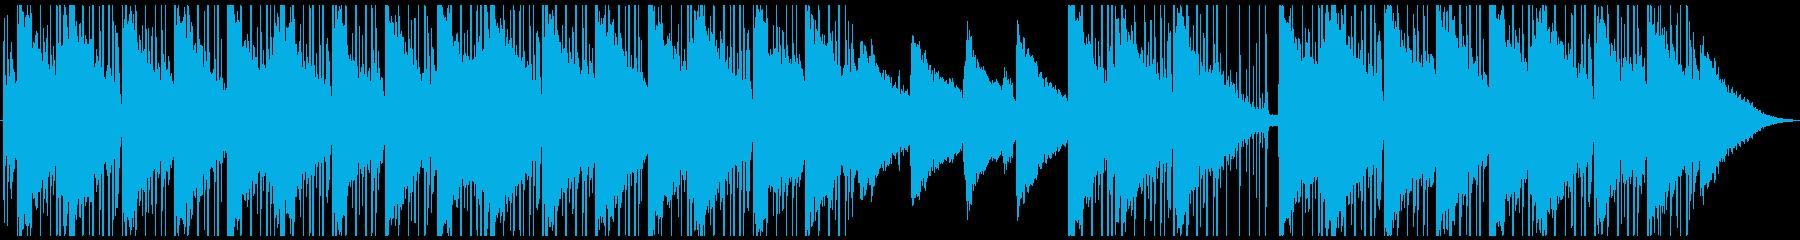 スタイリッシュなローファイヒップホップの再生済みの波形